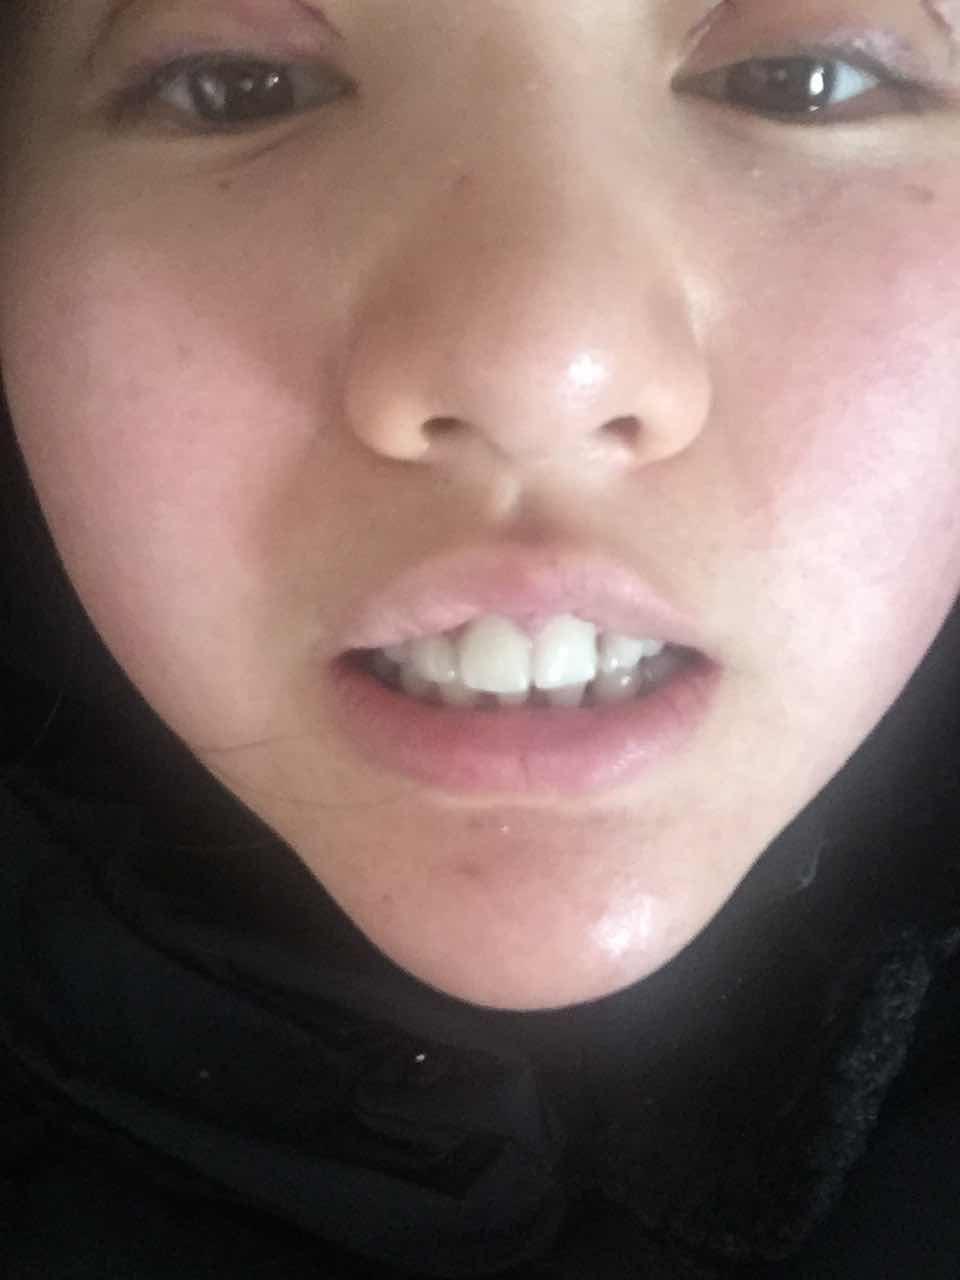 牙齿不对称怎么办,我的牙齿怎么整?门牙开始往左数,全是假呀。而且不对称。怎么整啊。